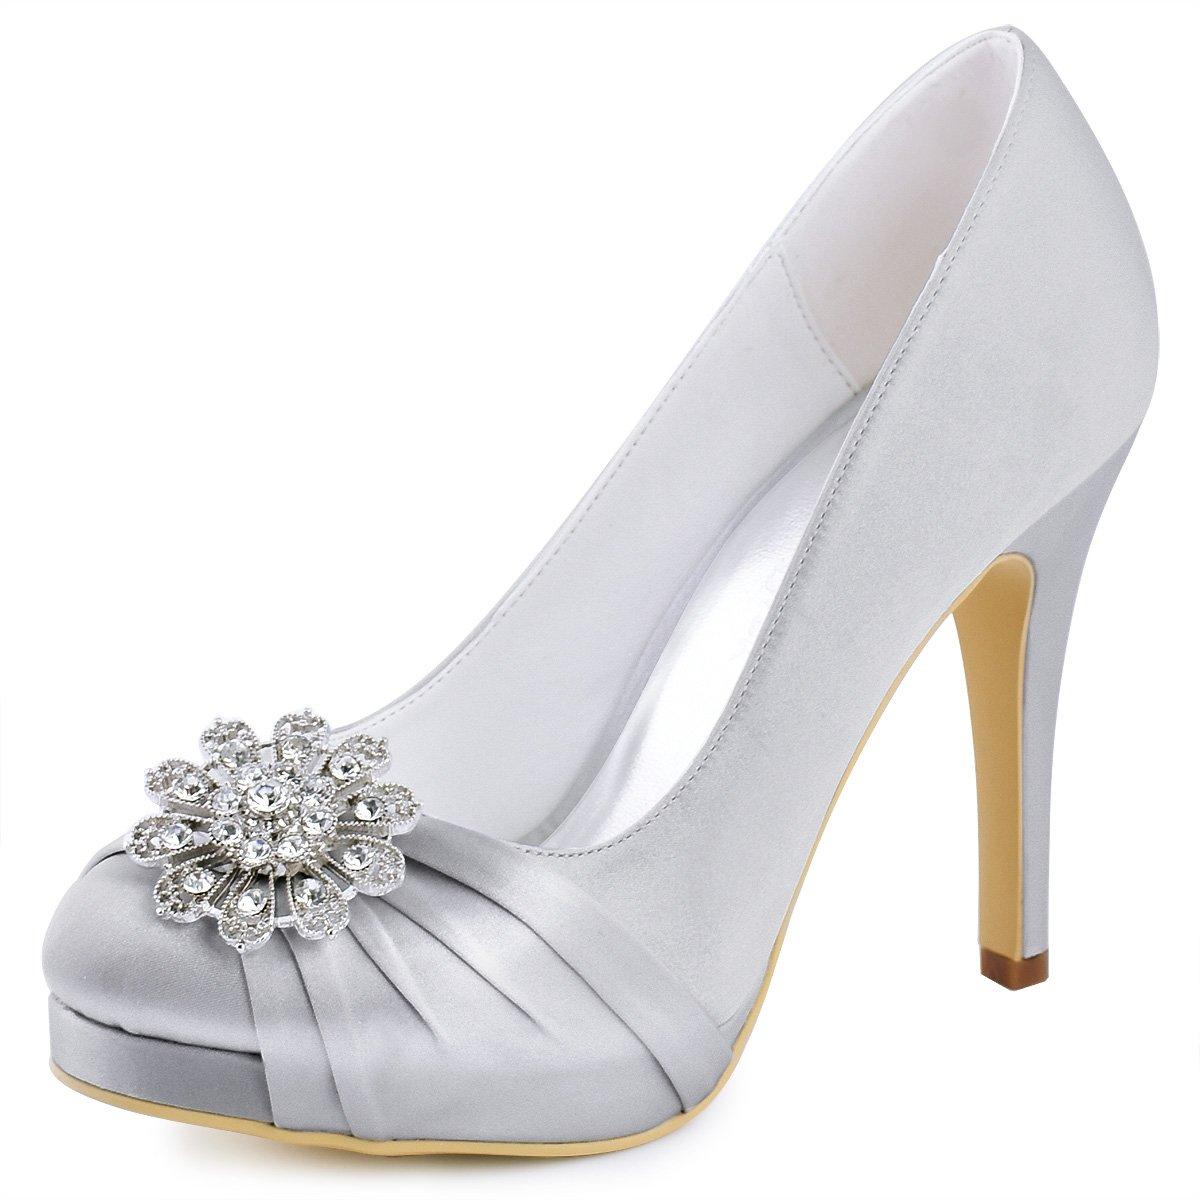 Elegantpark EP2015-PF Mujeres Bombas Punta Cerrada Zapatos Plataforma Zapatos Tacón Alto Rhinestones Satén Wedding Party Zapatos Novia 41 EU|Nuevo Plateado